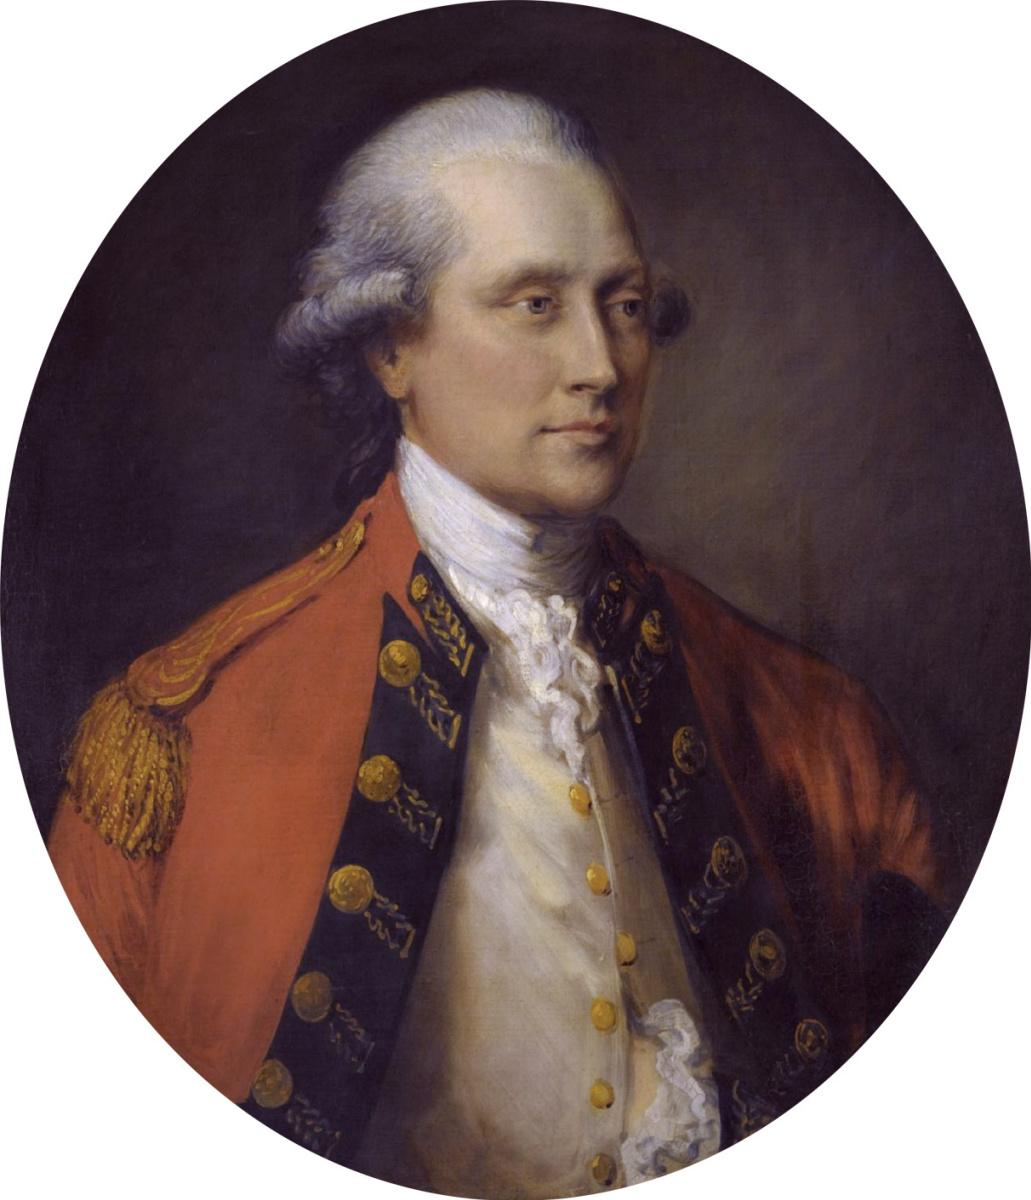 Томас Гейнсборо. Портрет Джона Кэмпбелла, 5-го герцога Аргайла